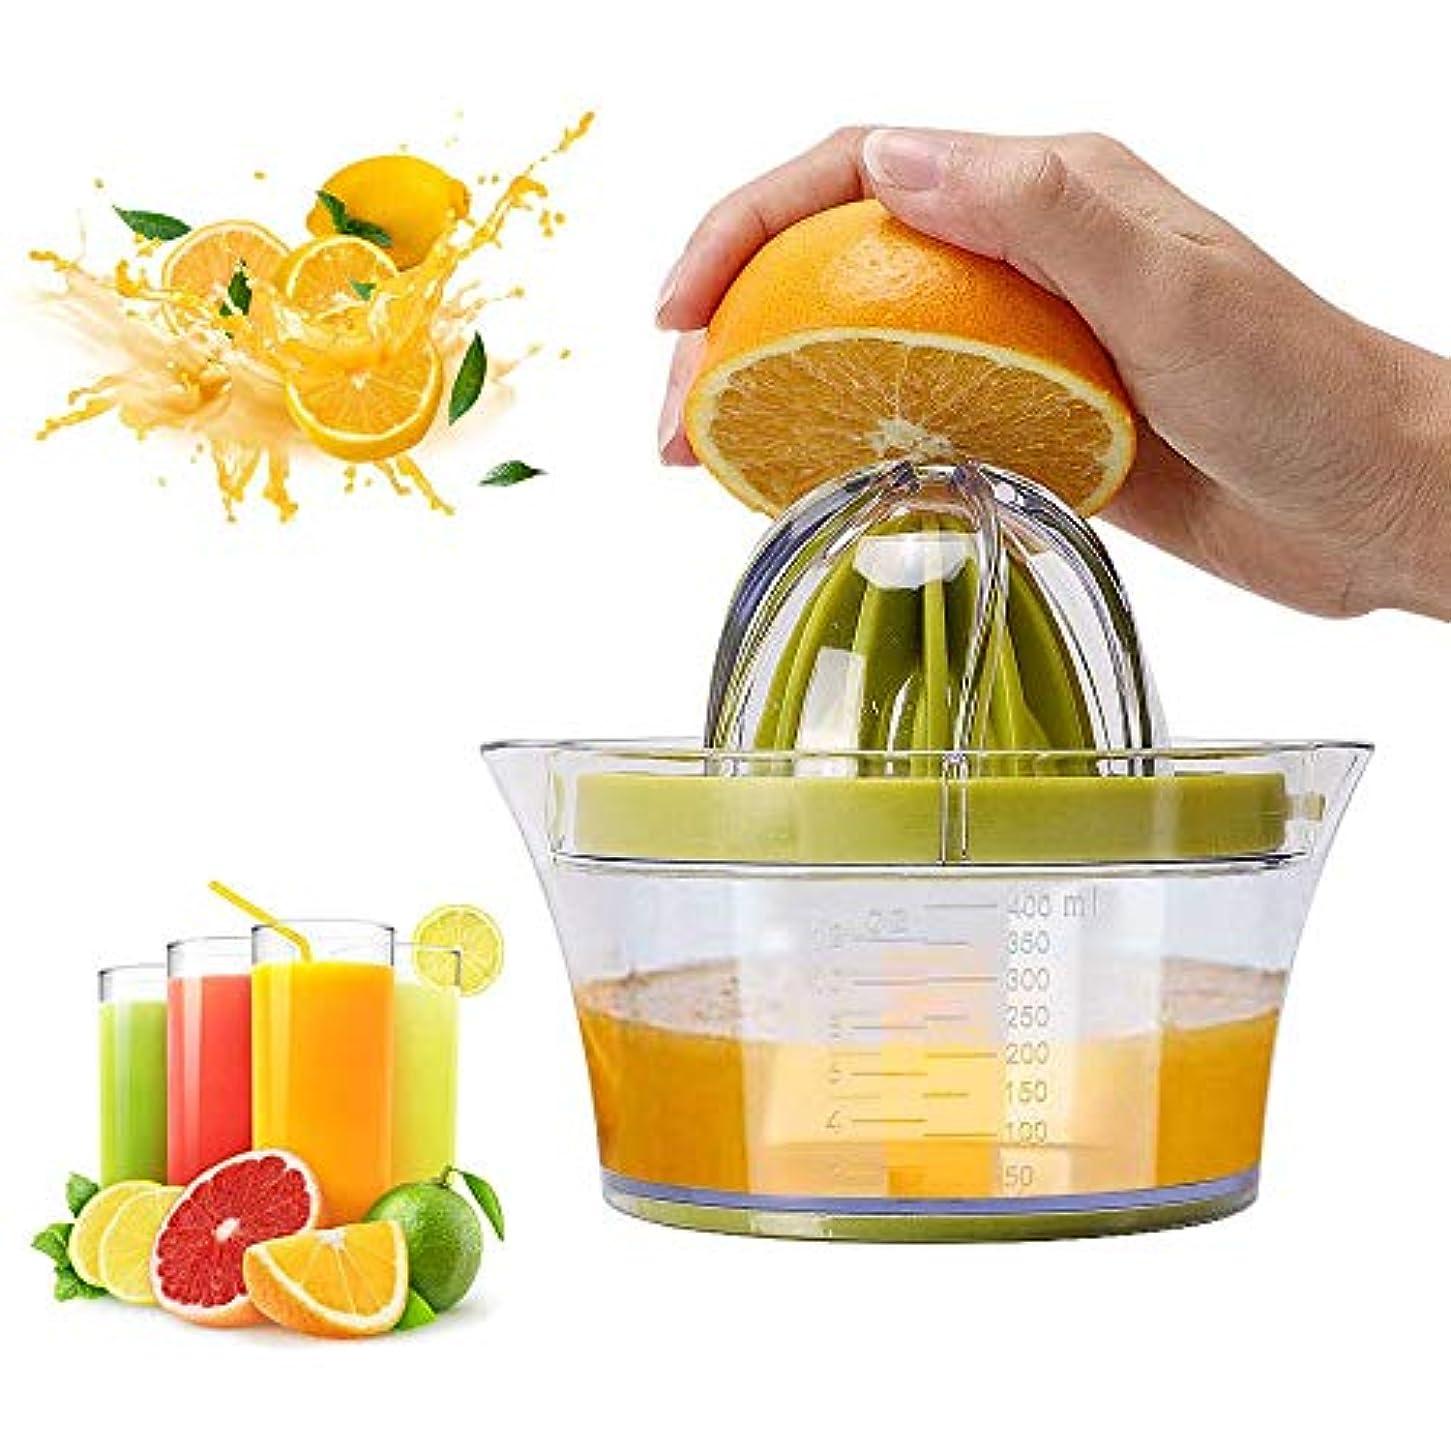 ホップシンボル冷ややかなフルーツスクイーザプレッサー、測定容器付きハンドフルーツプレス400ml、すべての柑橘類に対応した食器洗い機で安全